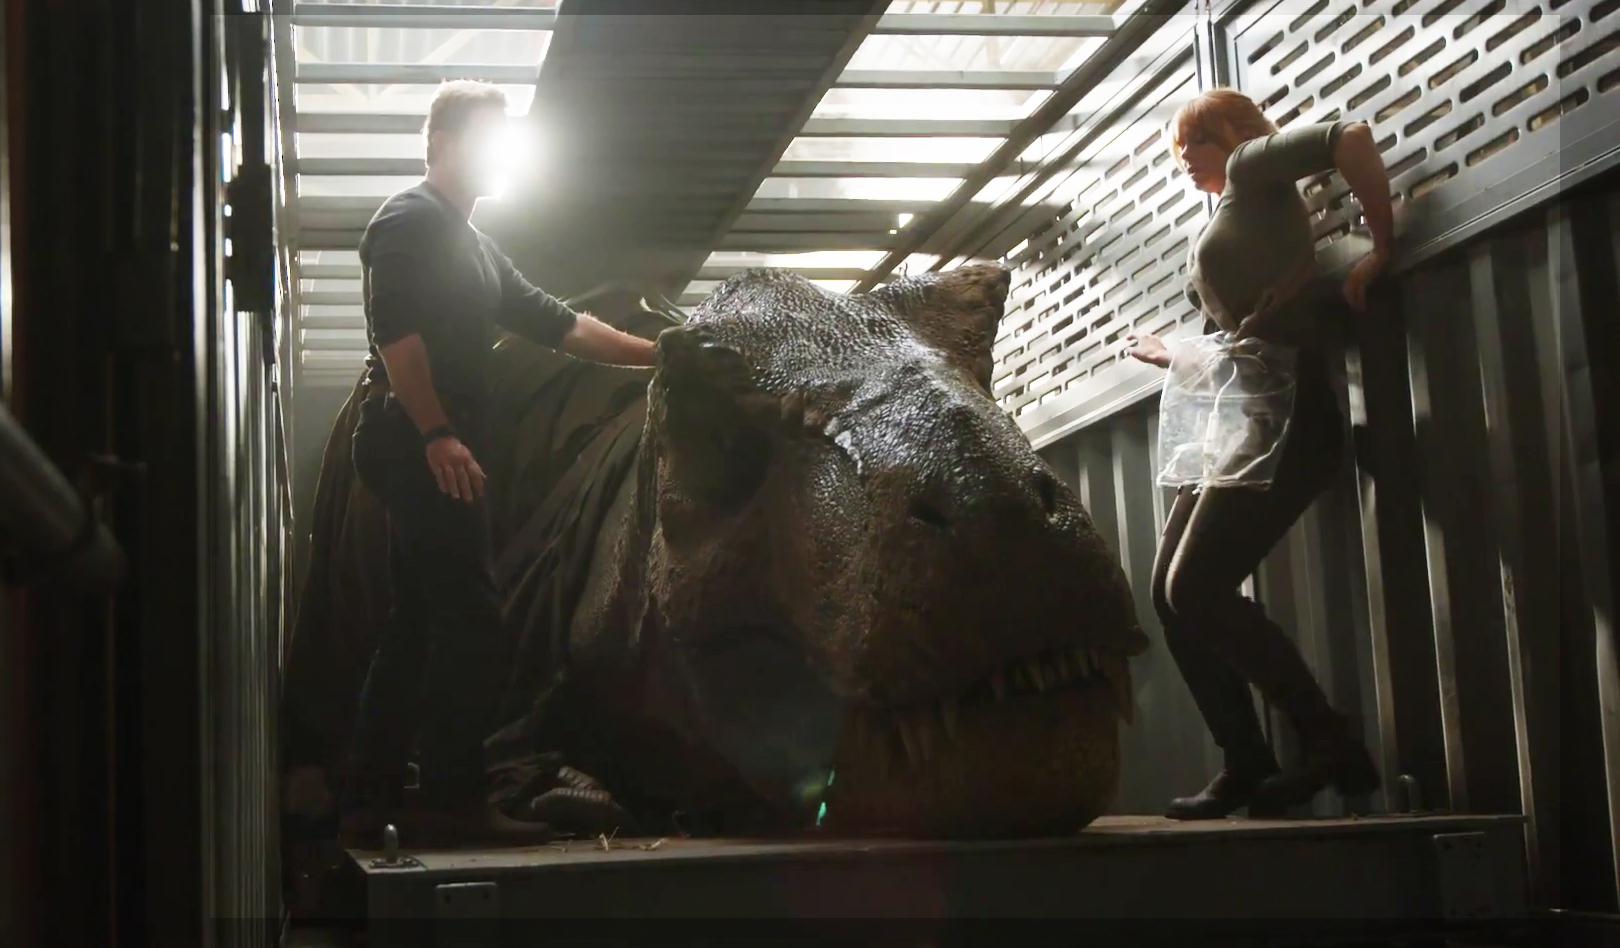 A hatalmas T. rex robot a régi filmek stílusát és hangulatát árasztja